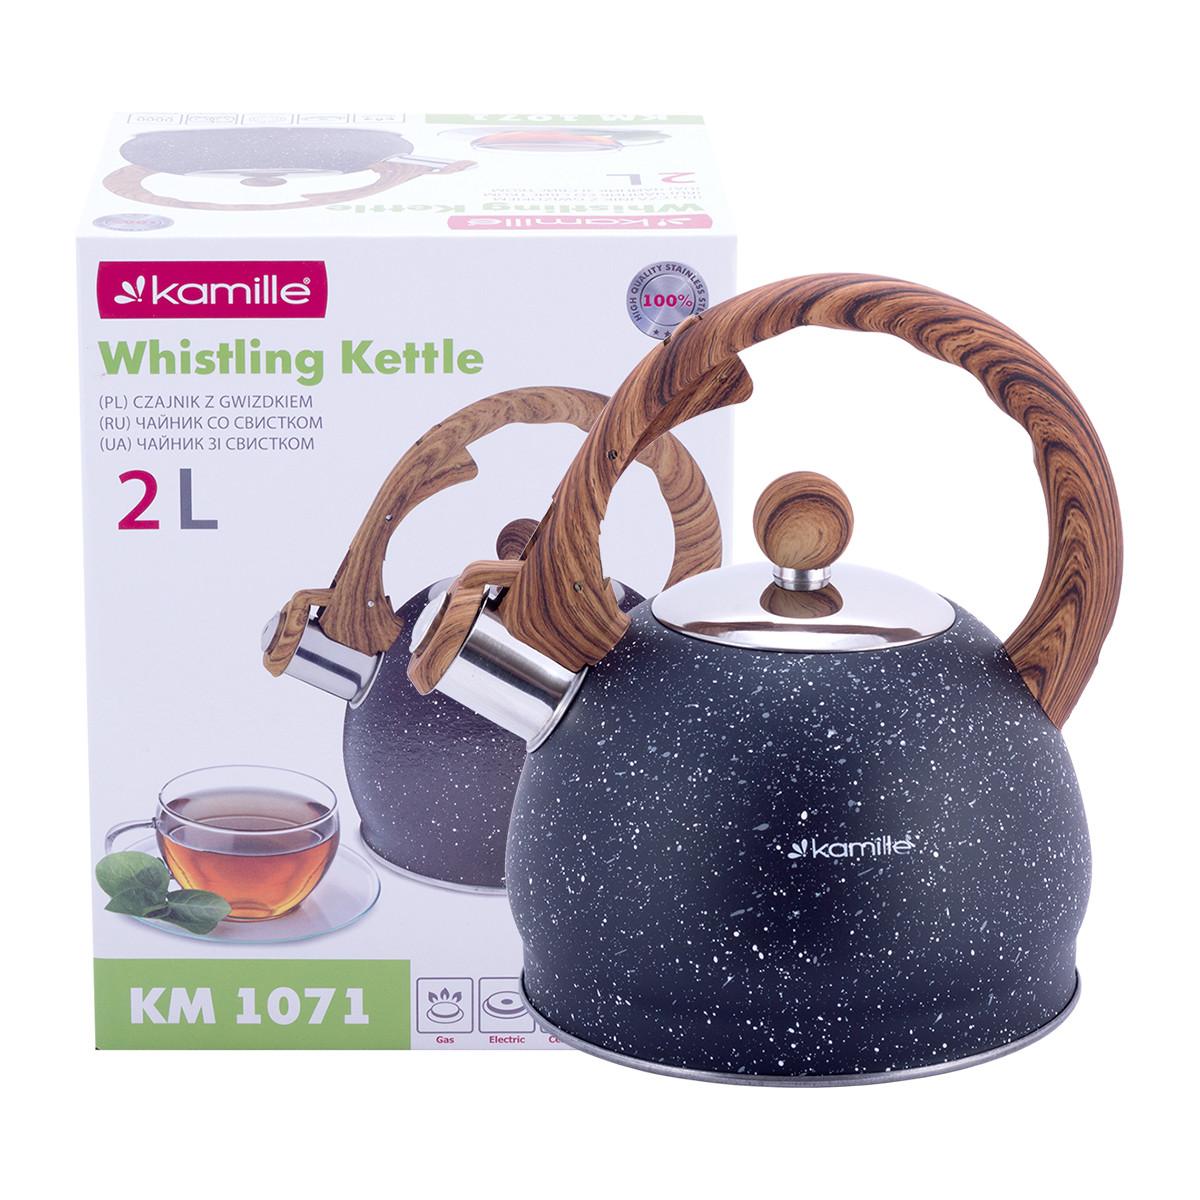 Чайник из нержавеющей стали со свистком и бакелитовой ручкой для индукции и газа Kamille KM-1071 (2 л)